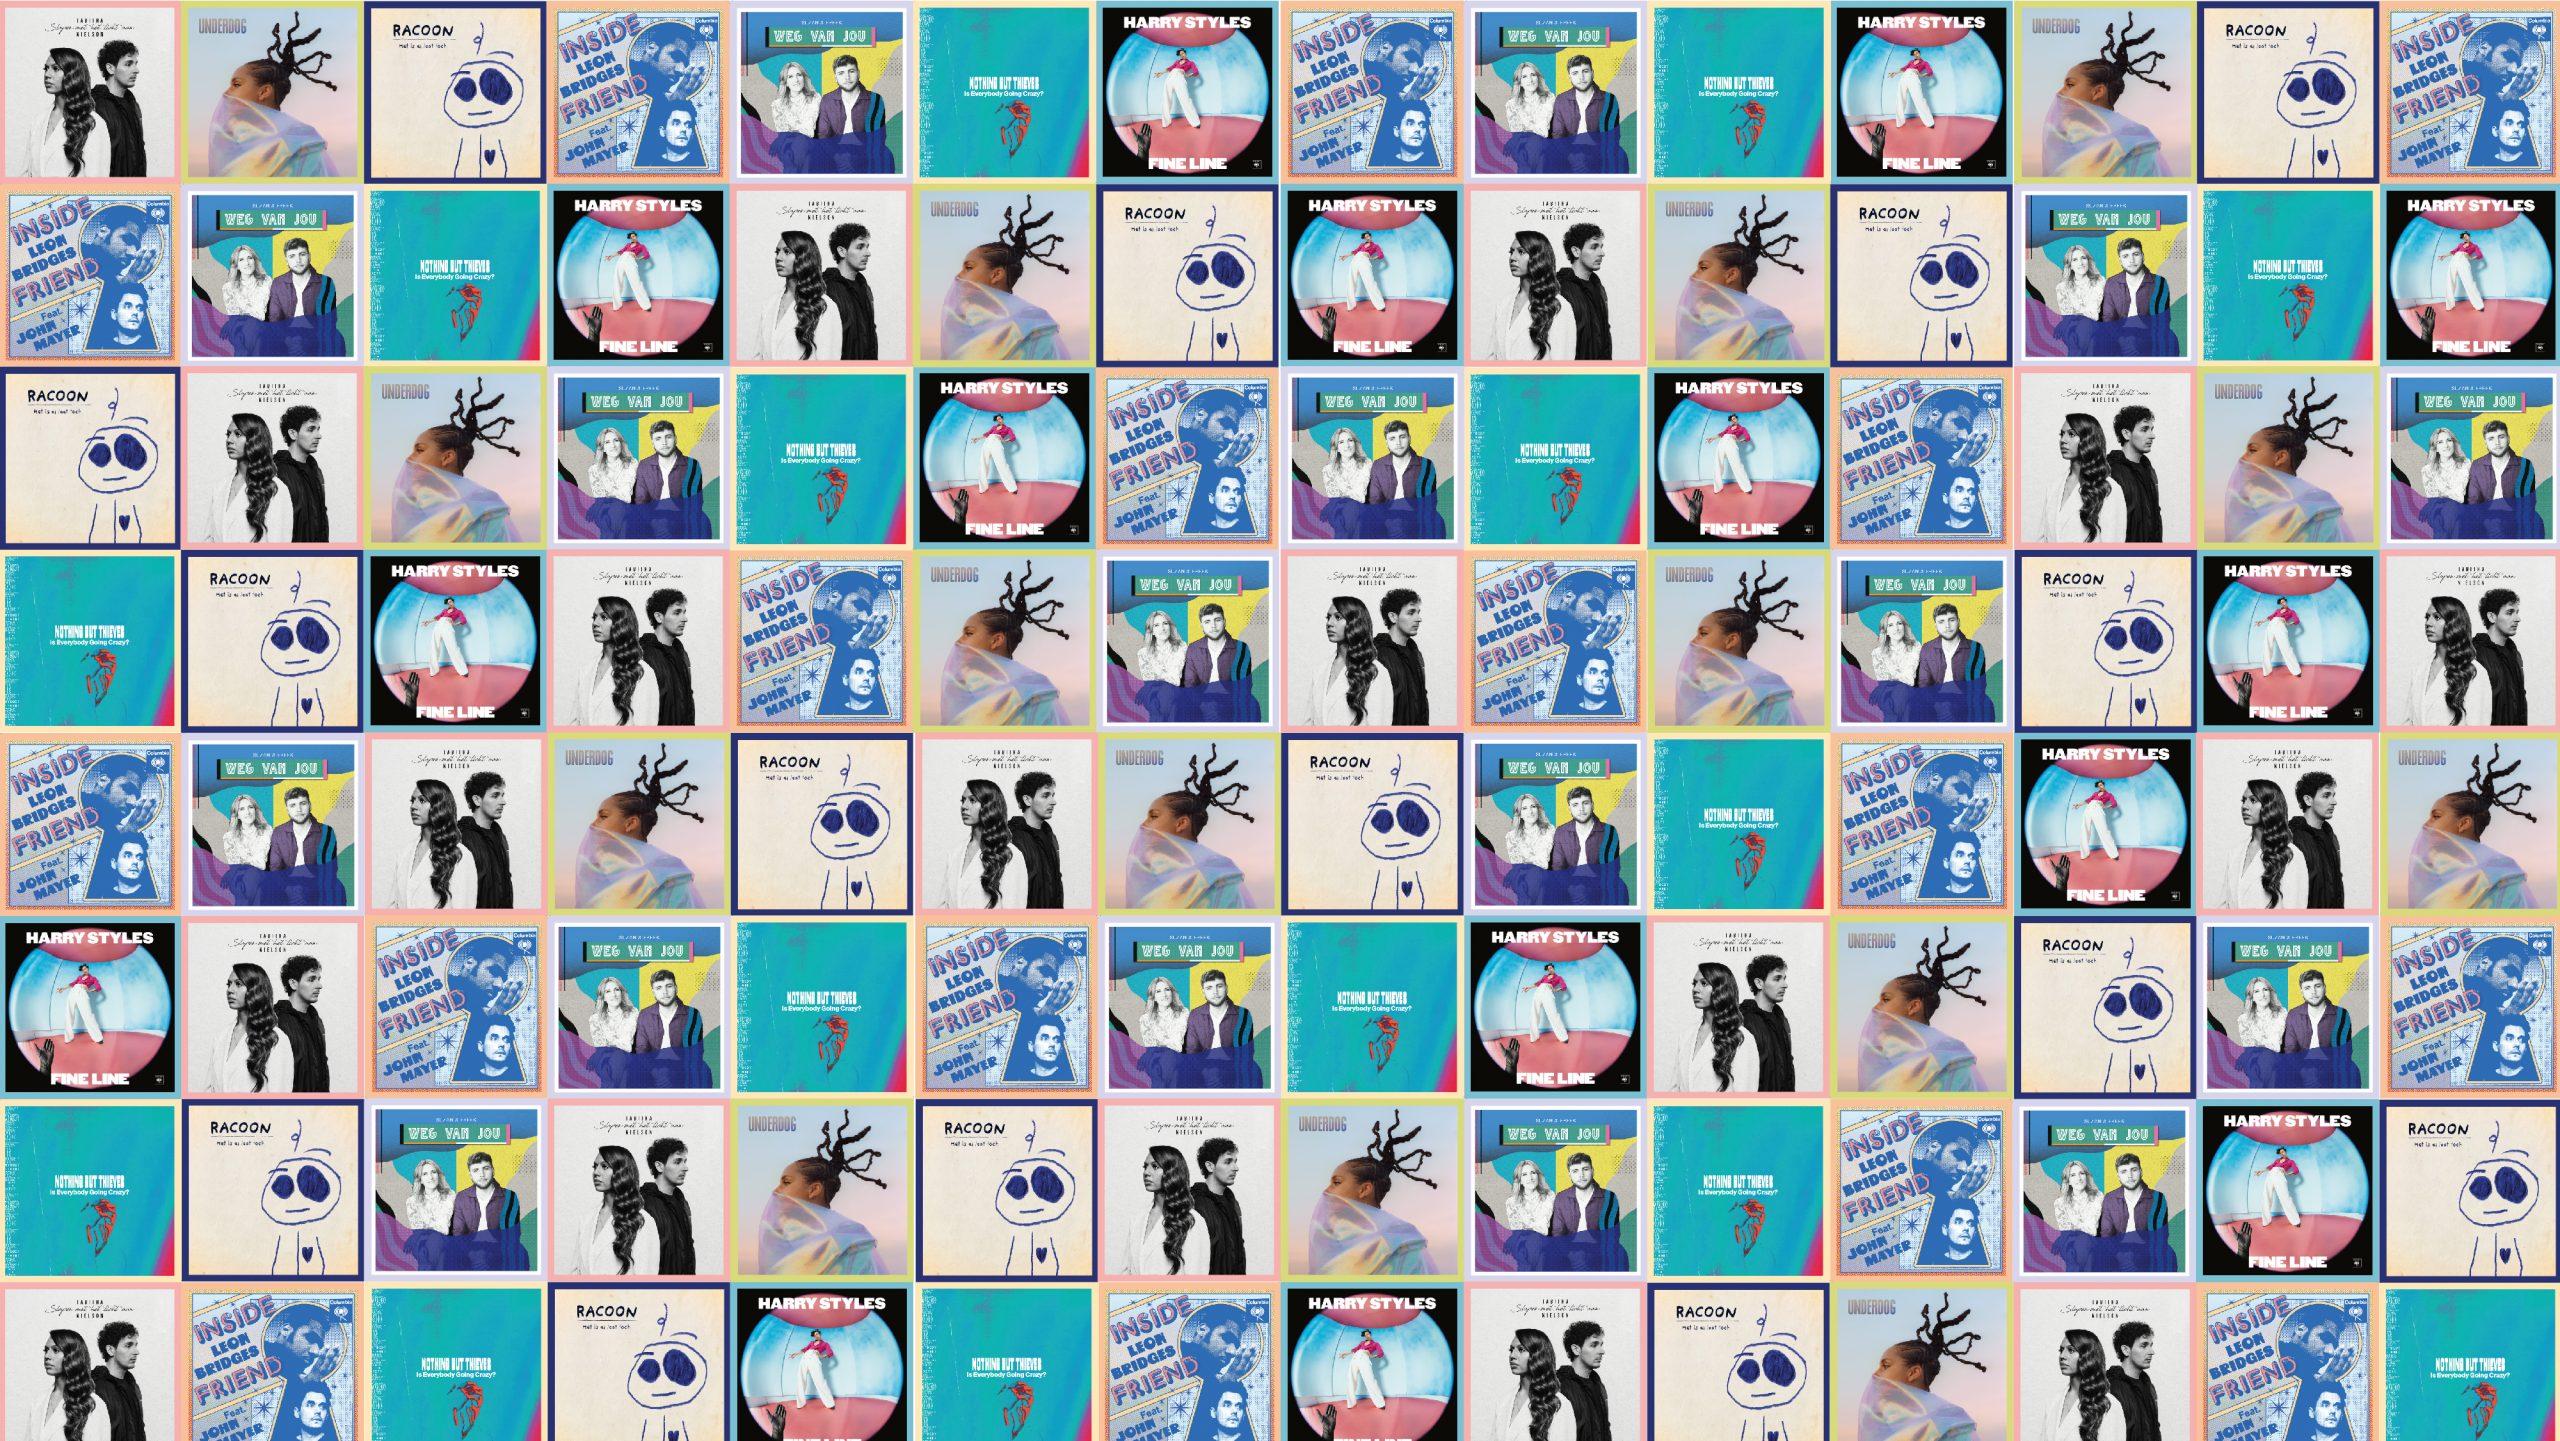 Gratis wenskaarten van Sony Music artiesten